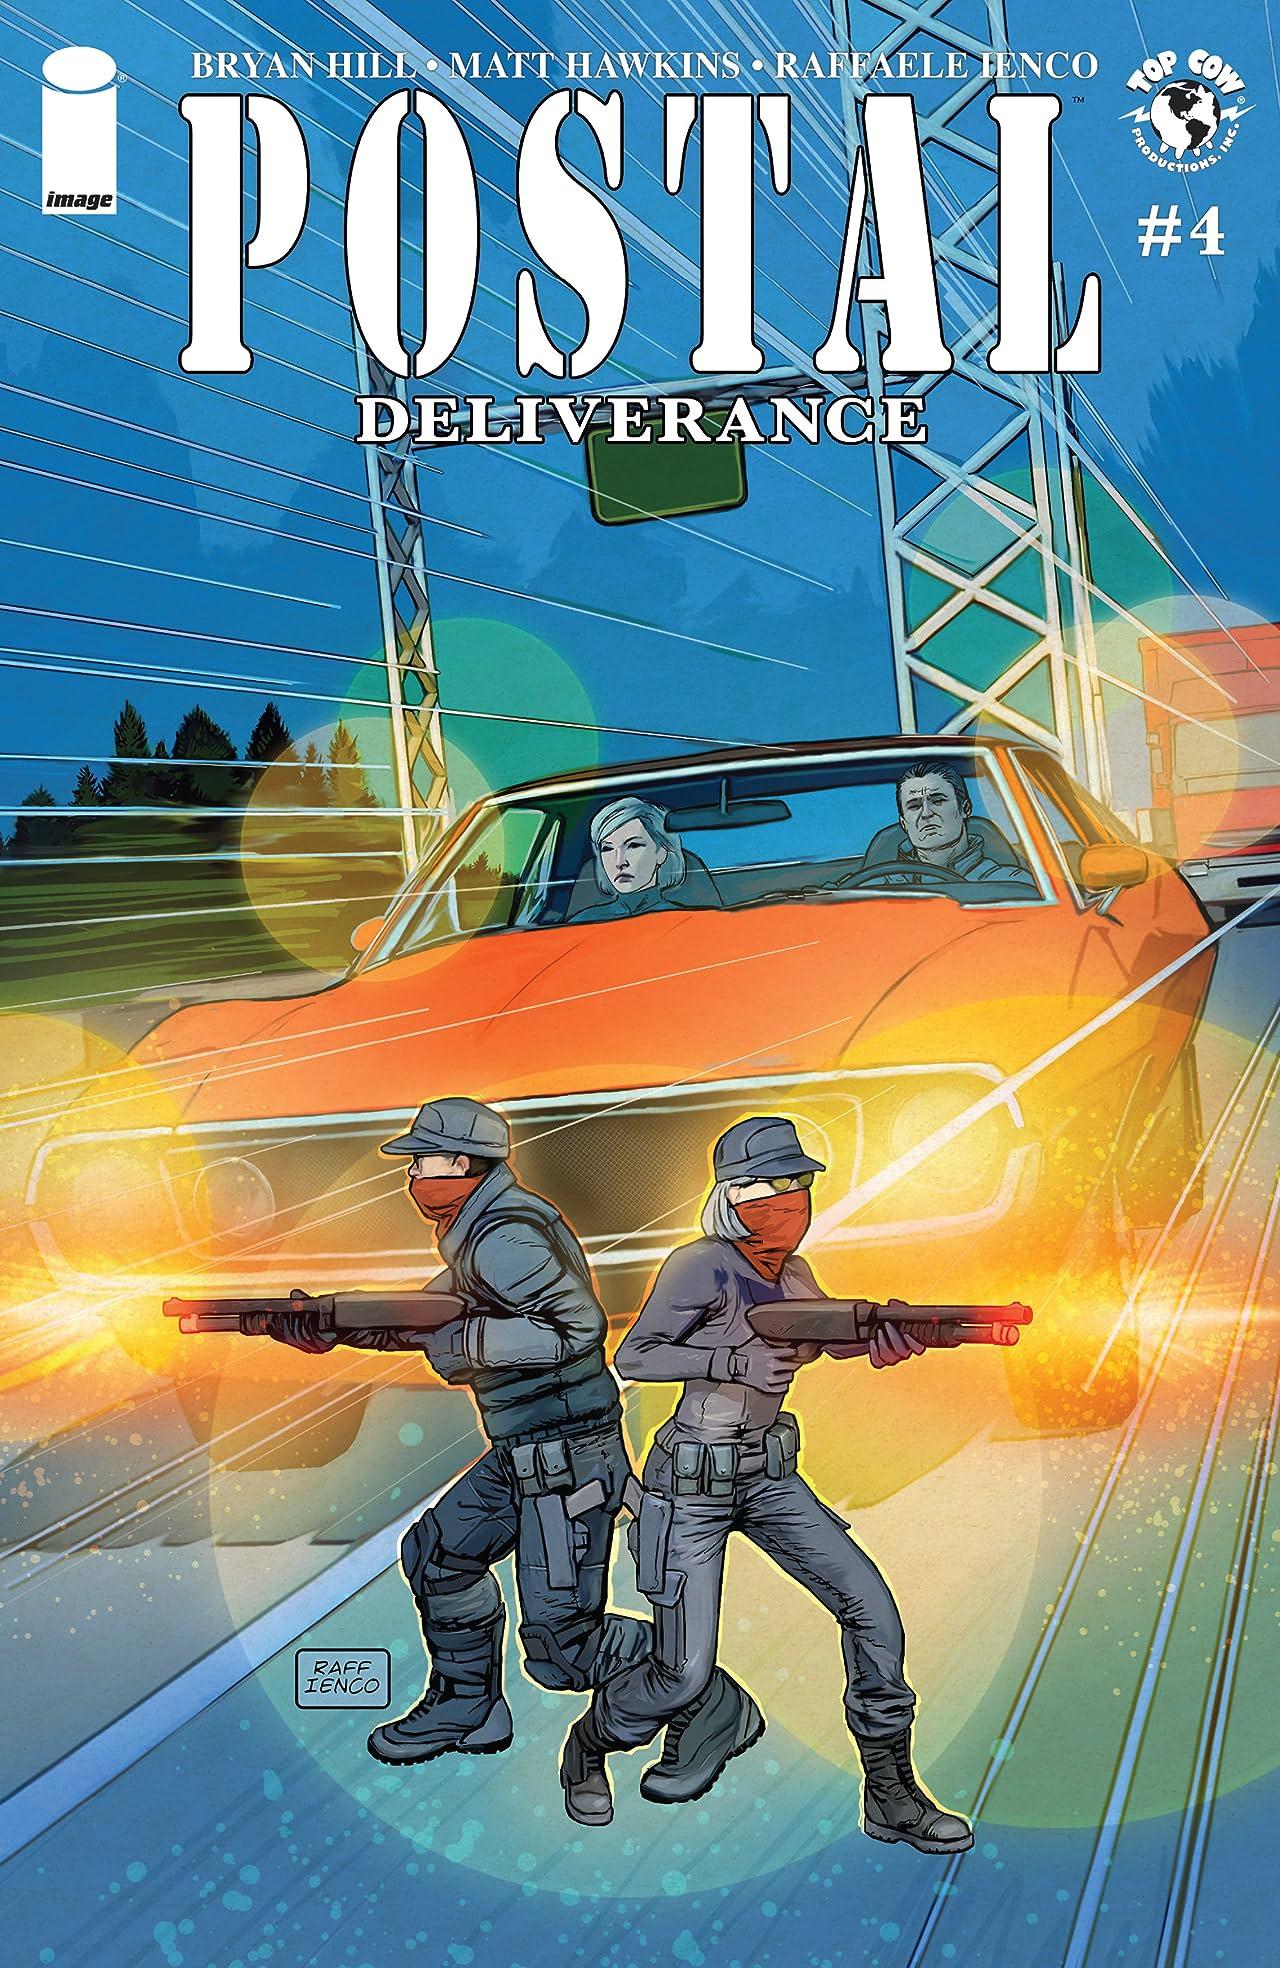 Postal: Deliverance #4